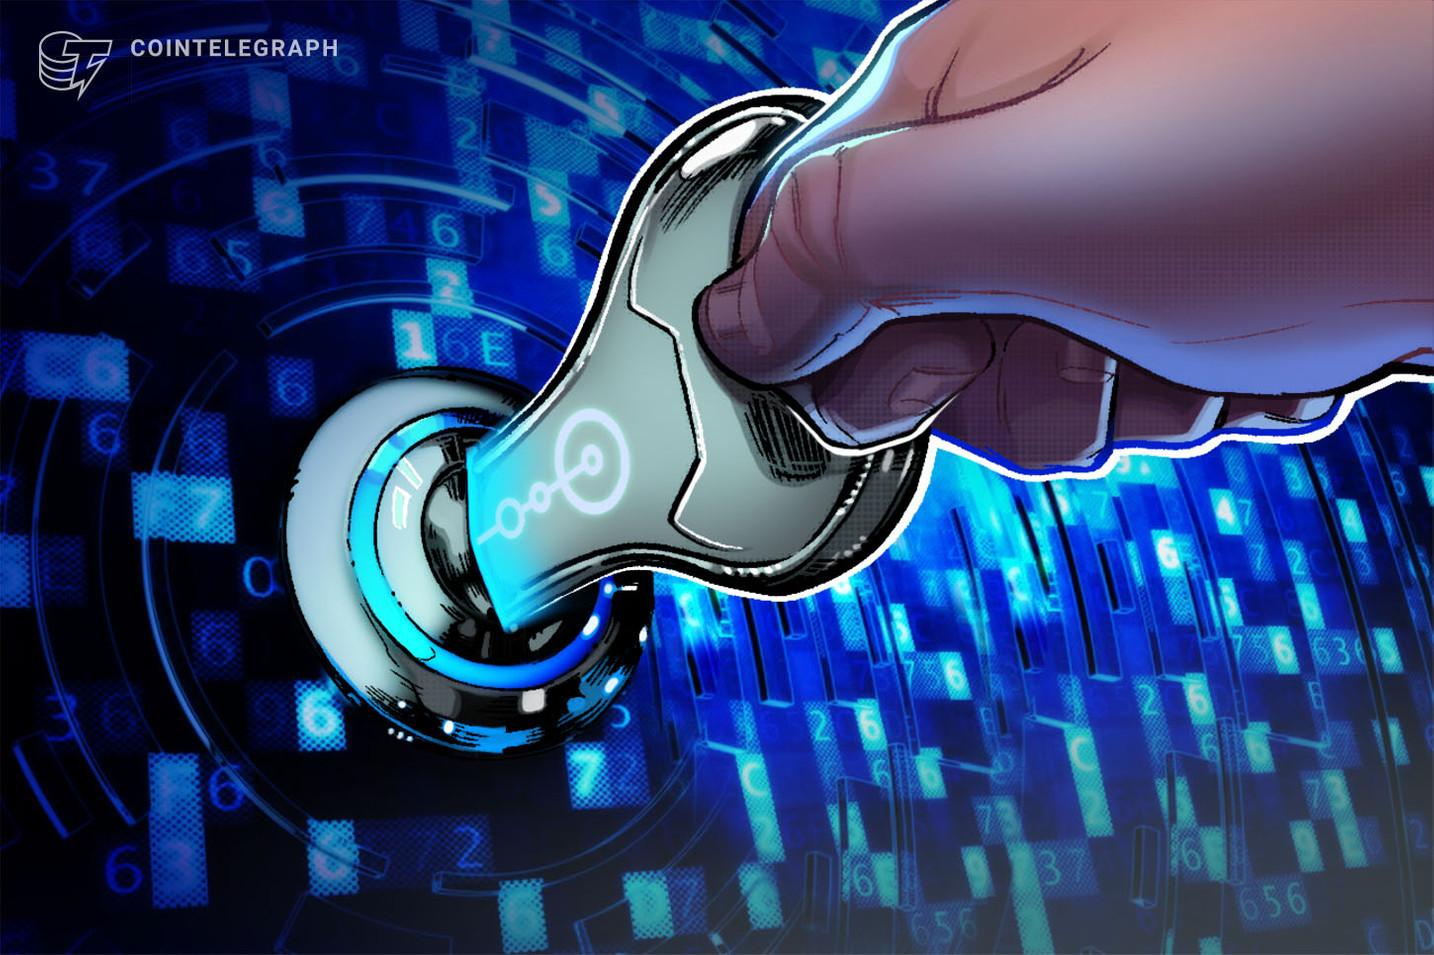 Pragmatismo: La verdadera clave para desbloquear la adopción masiva de criptomonedas